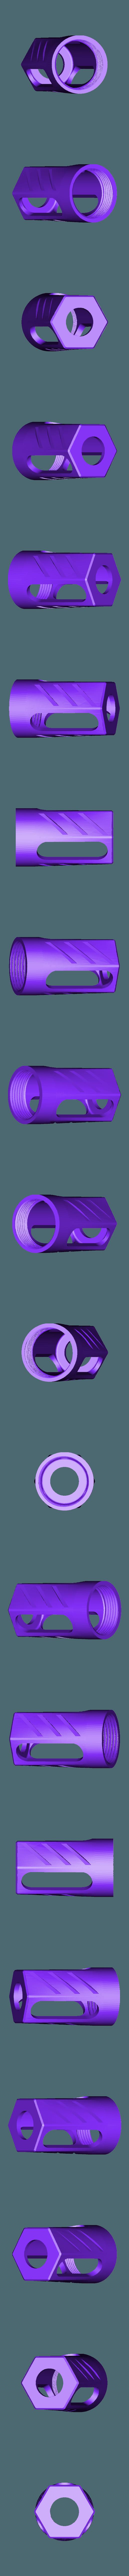 Insulin_Case.stl Télécharger fichier STL gratuit Boîte de Novolin Insuilin avec couvercle à vis • Modèle pour impression 3D, Nacelle